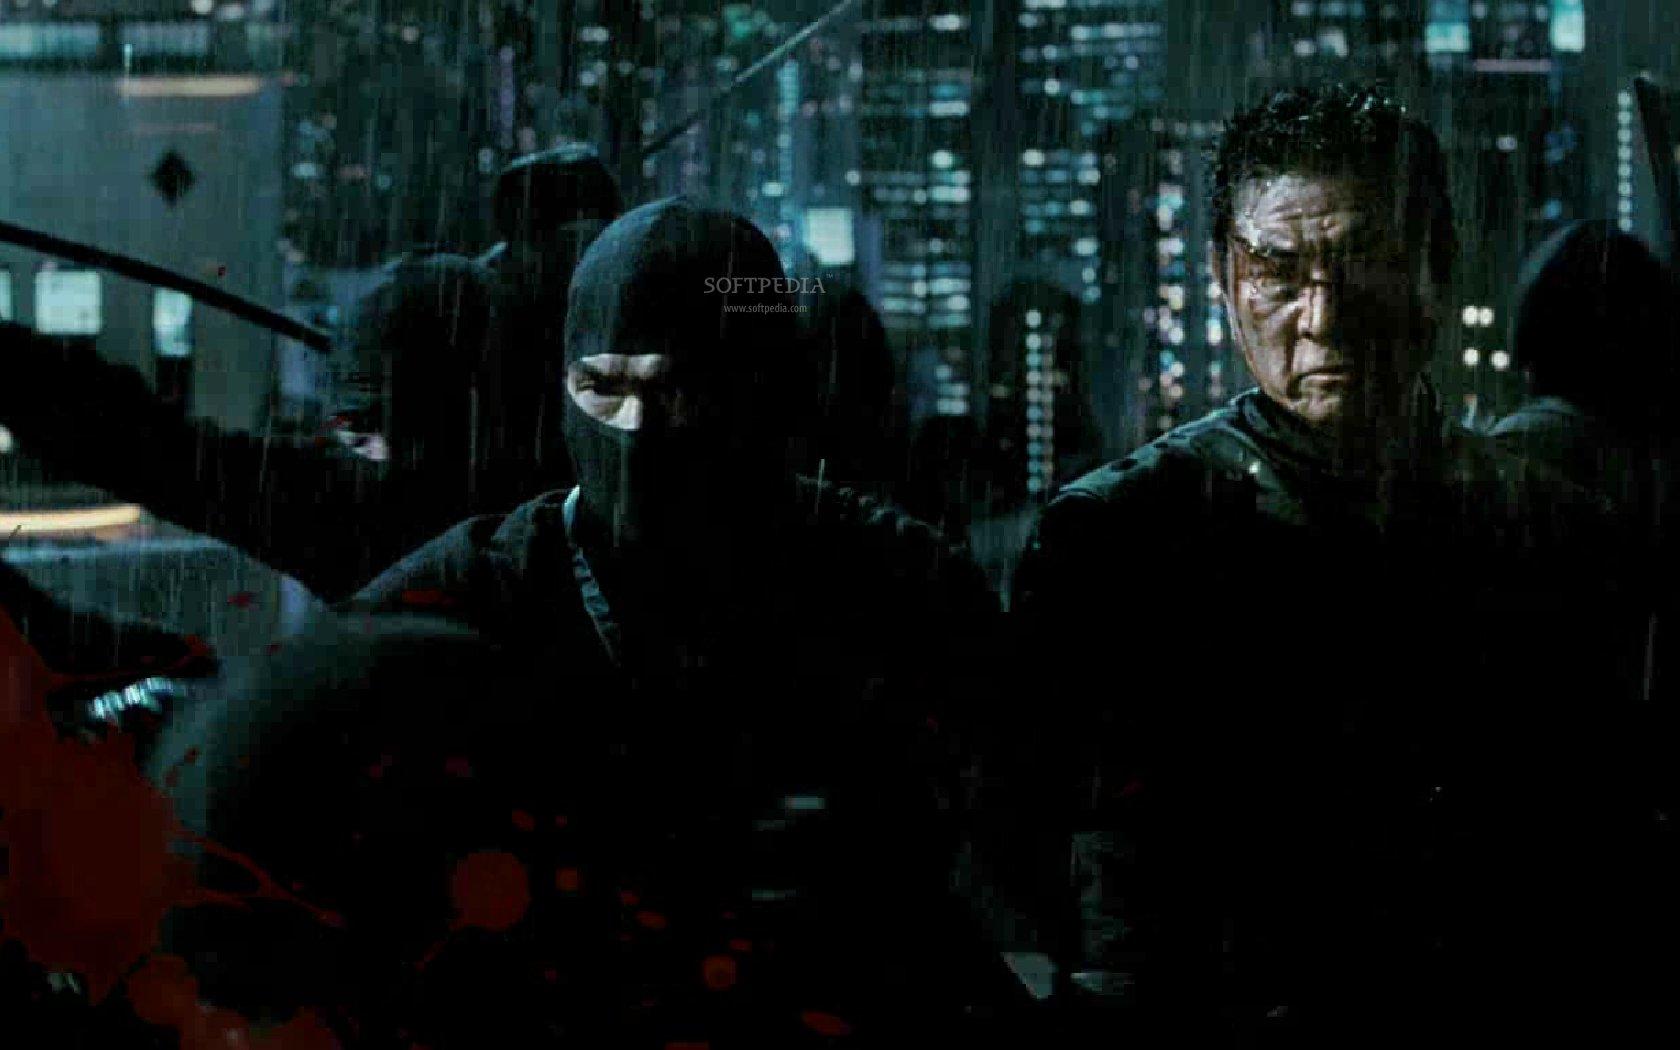 تقرير عن  فيلم بـي رايــن (Ninja Assassin ),أنيدرا